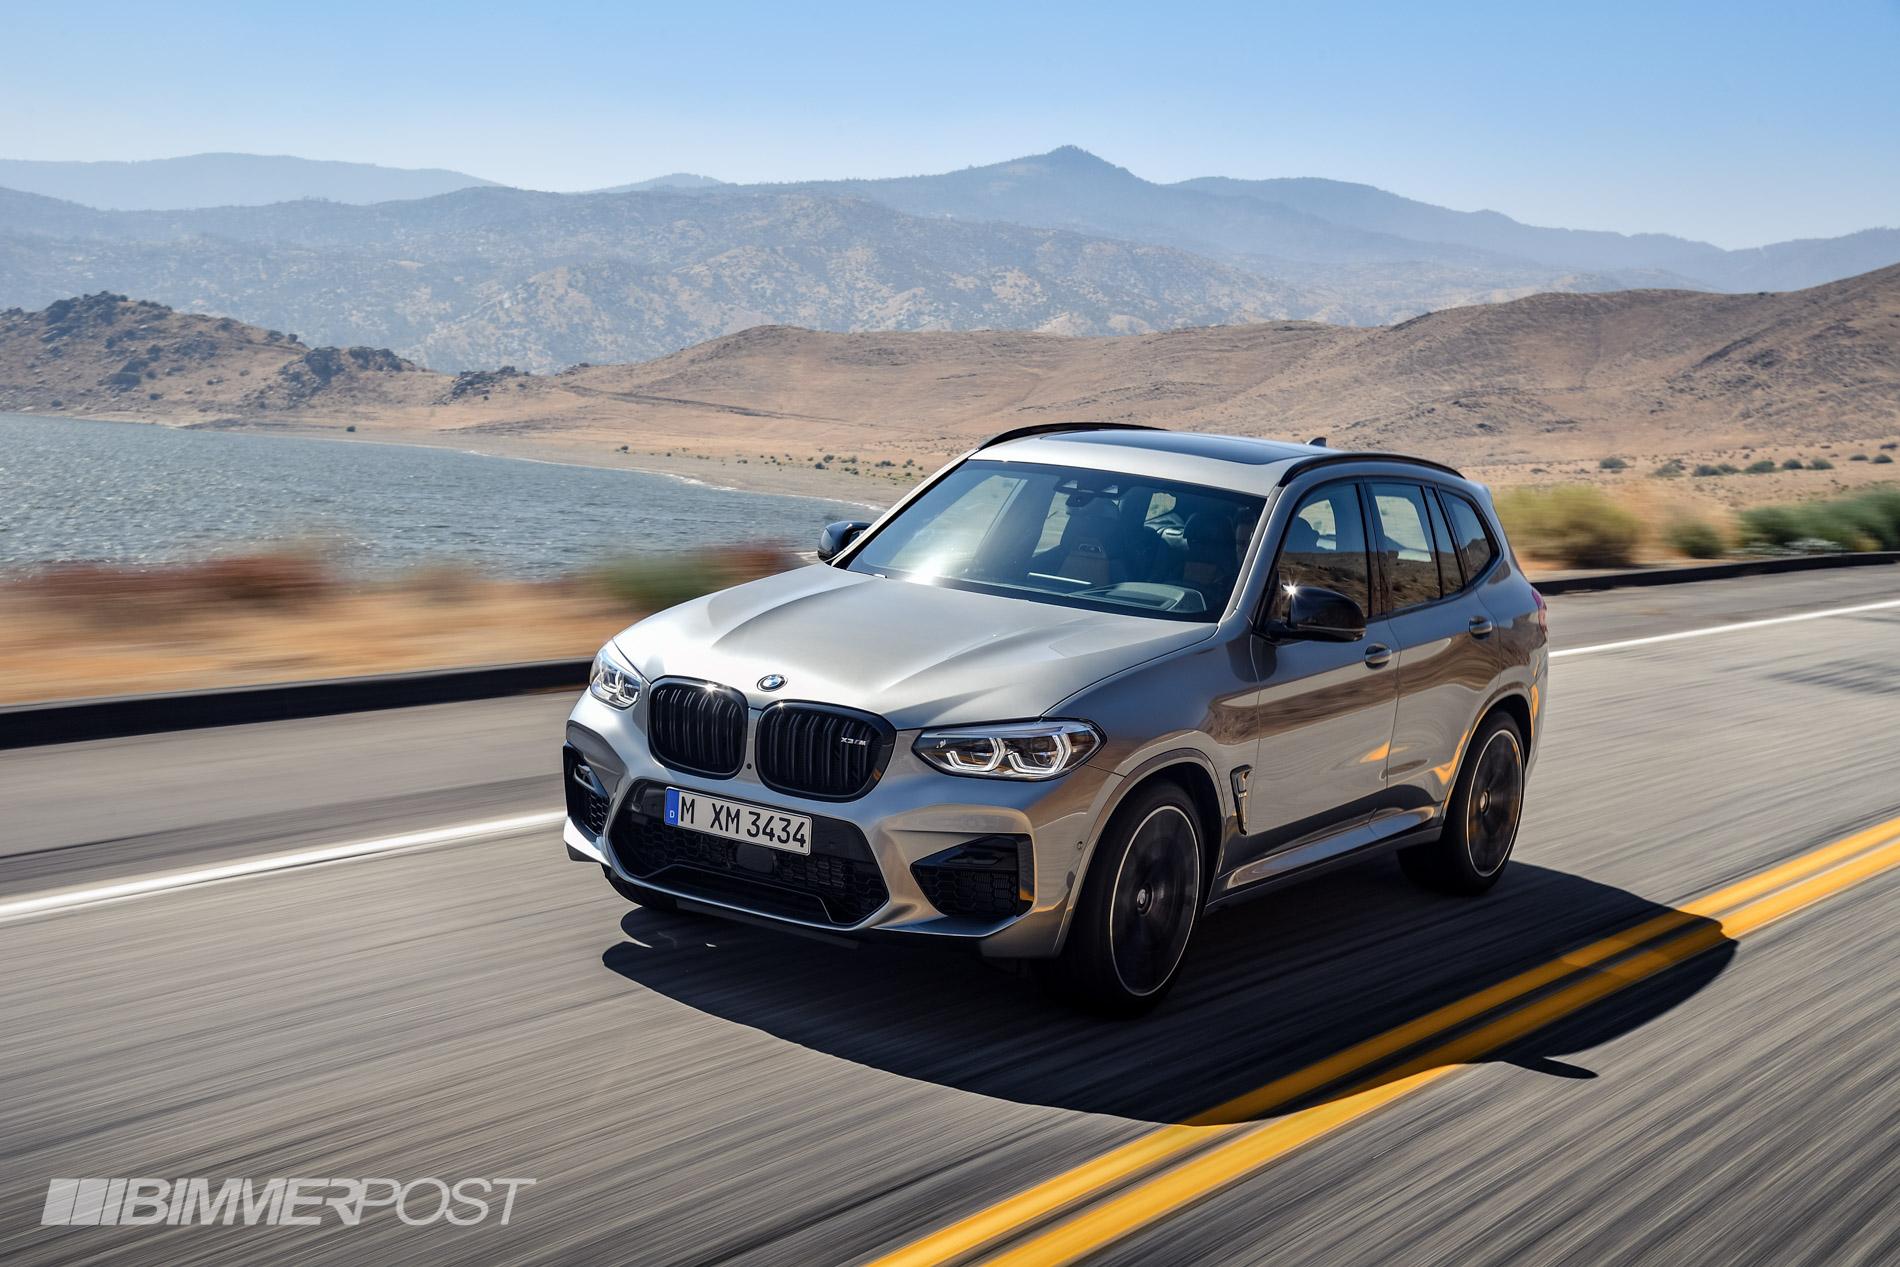 2020 BMW X3M (F97) X4M (F87) Official Thread: Information ...